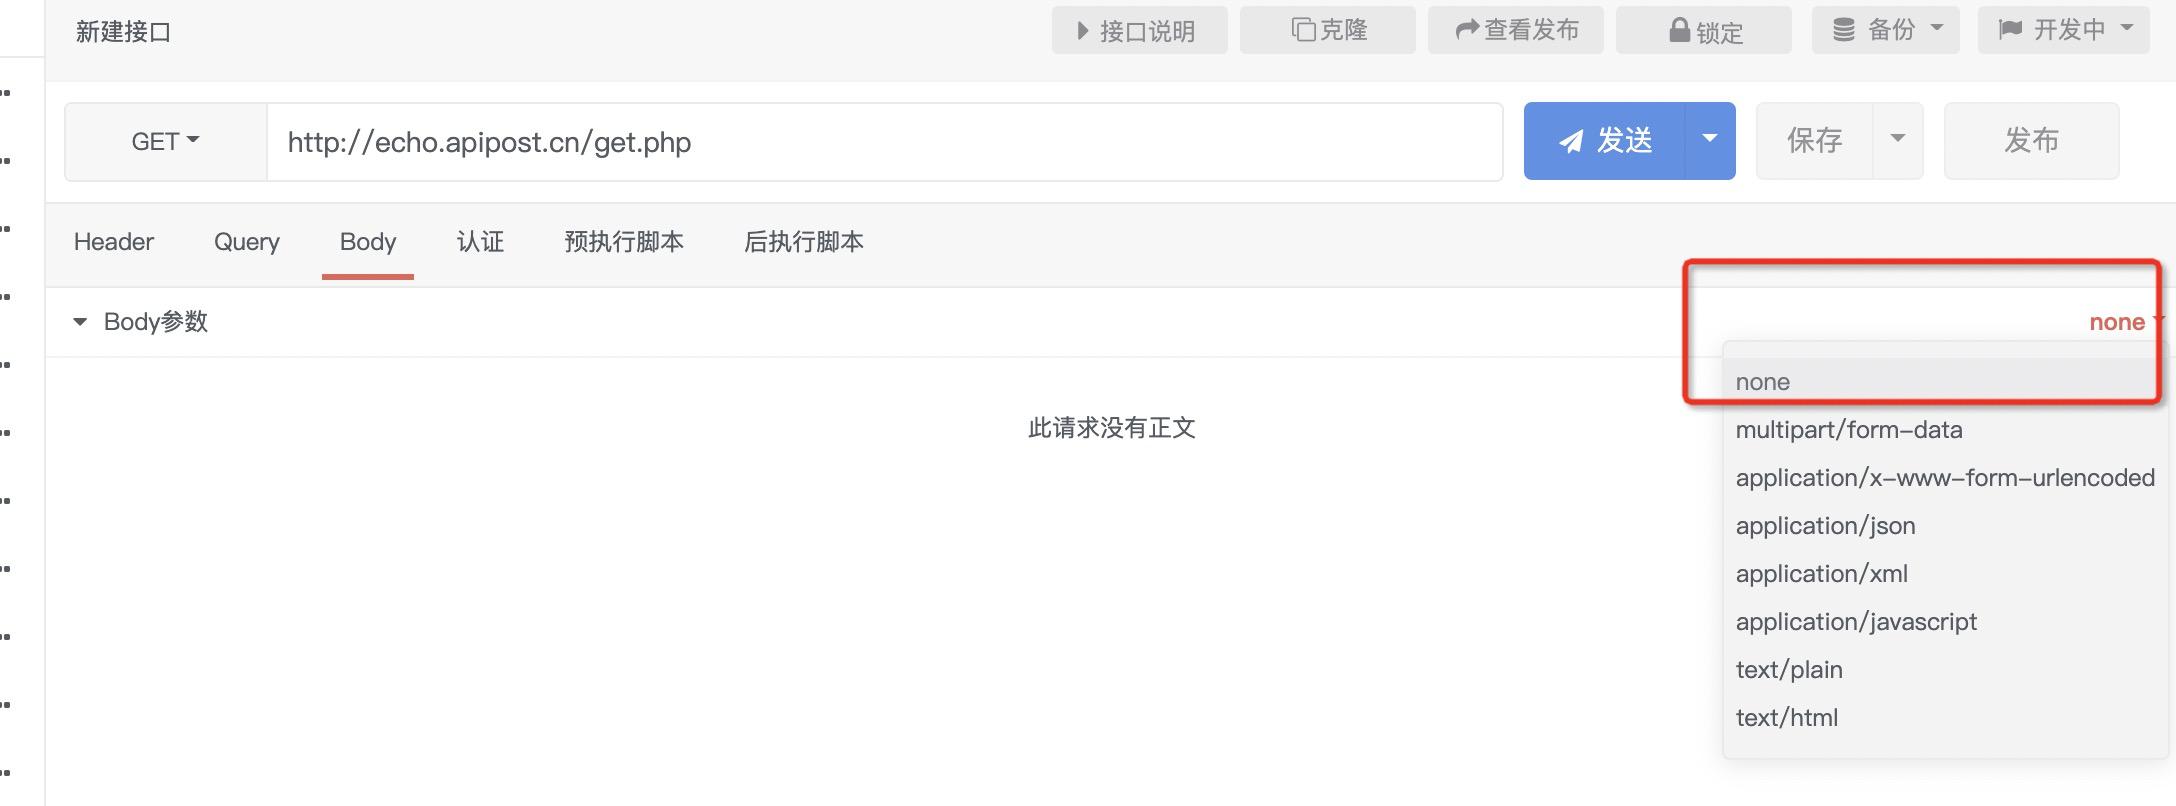 相同的接口postMan可以访问,ApiPost访问不了